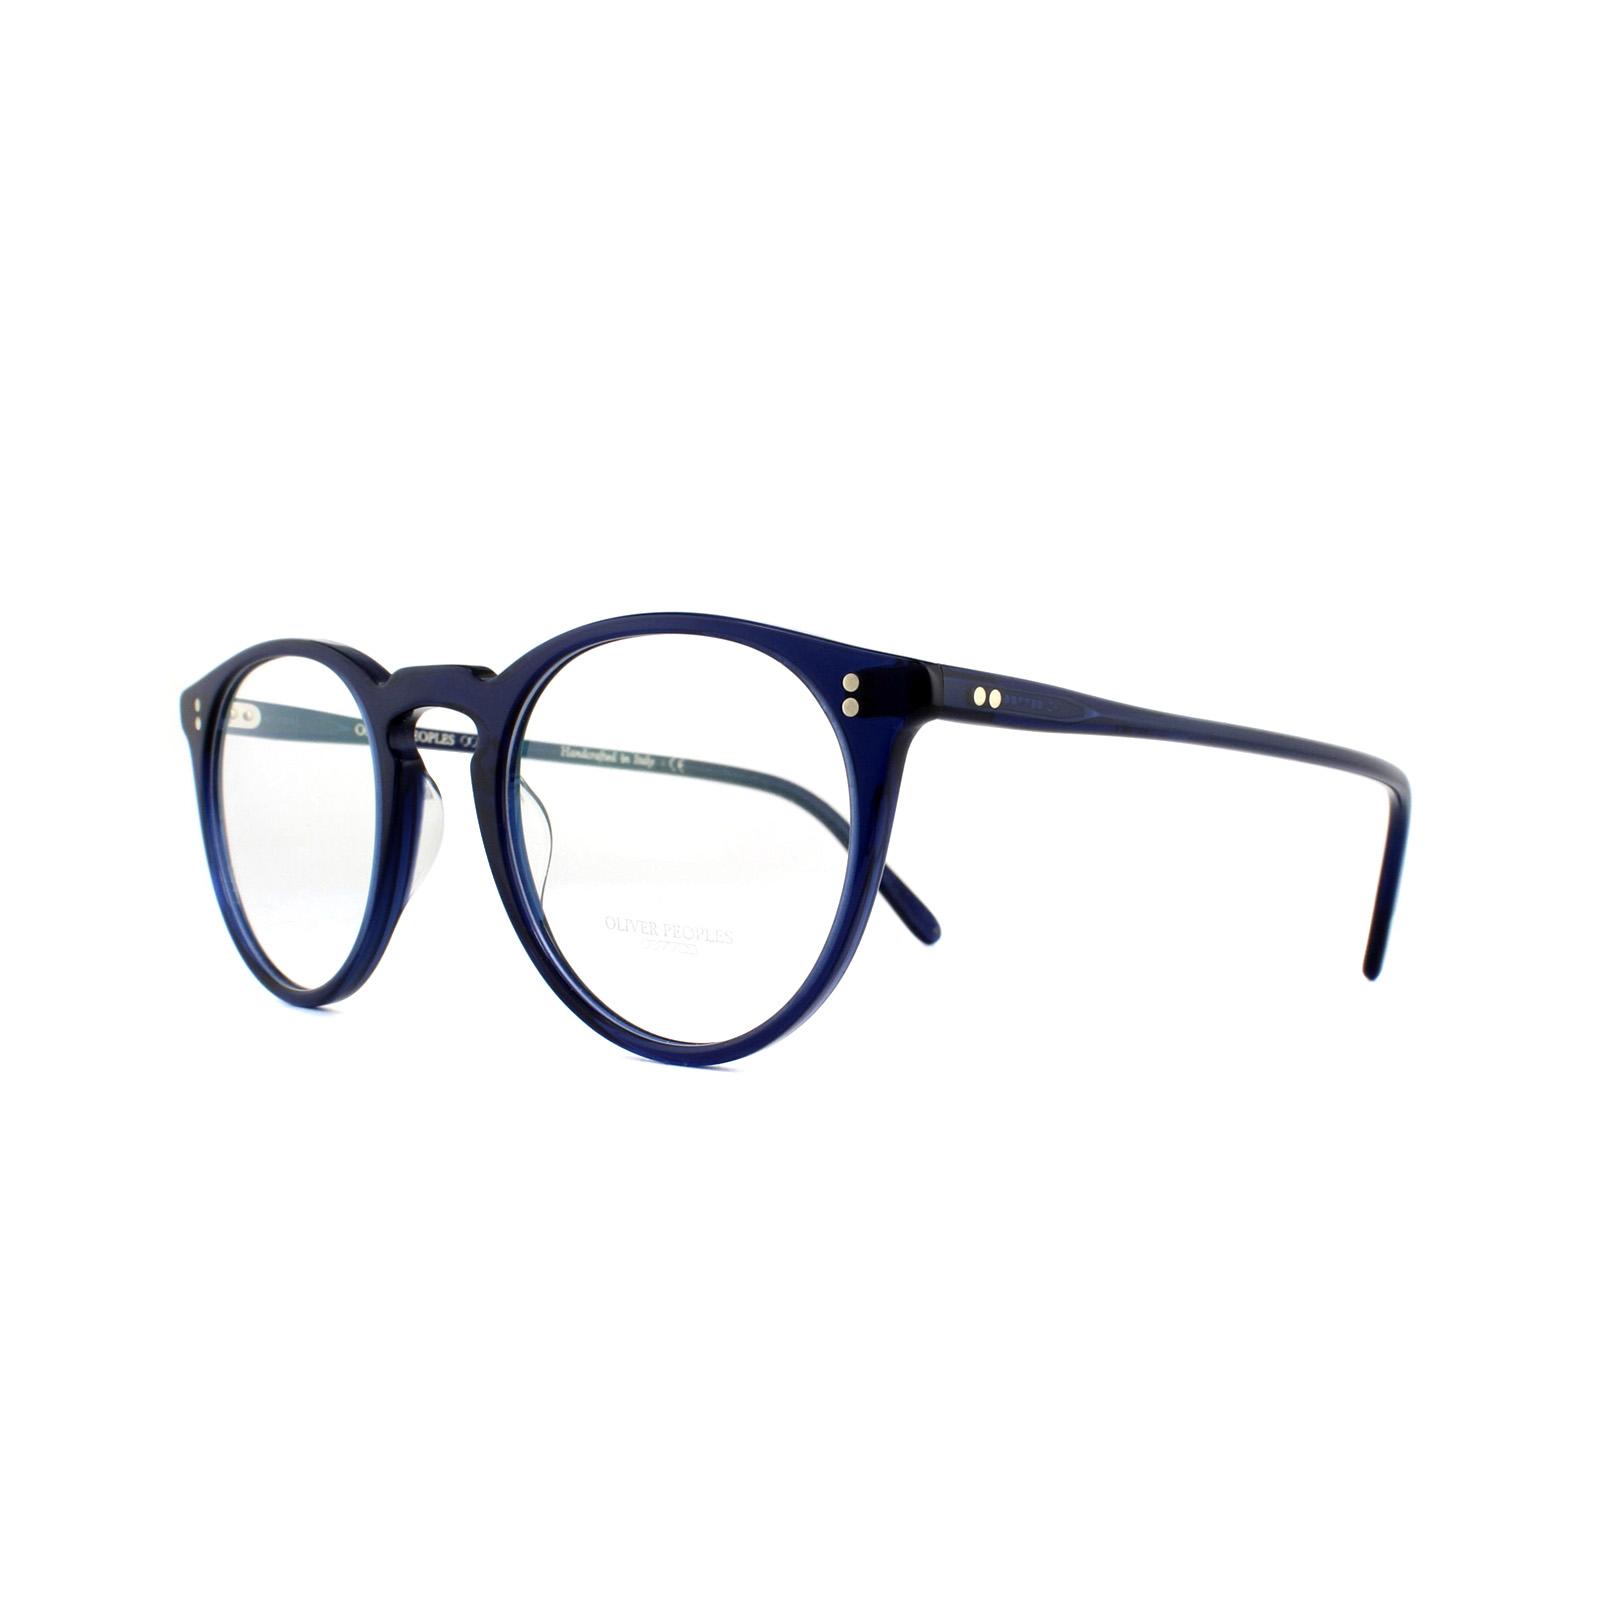 17d9b7f192 Sentinel Oliver Peoples Glasses Frames O Malley OV5183 1566 Denim 45mm Mens